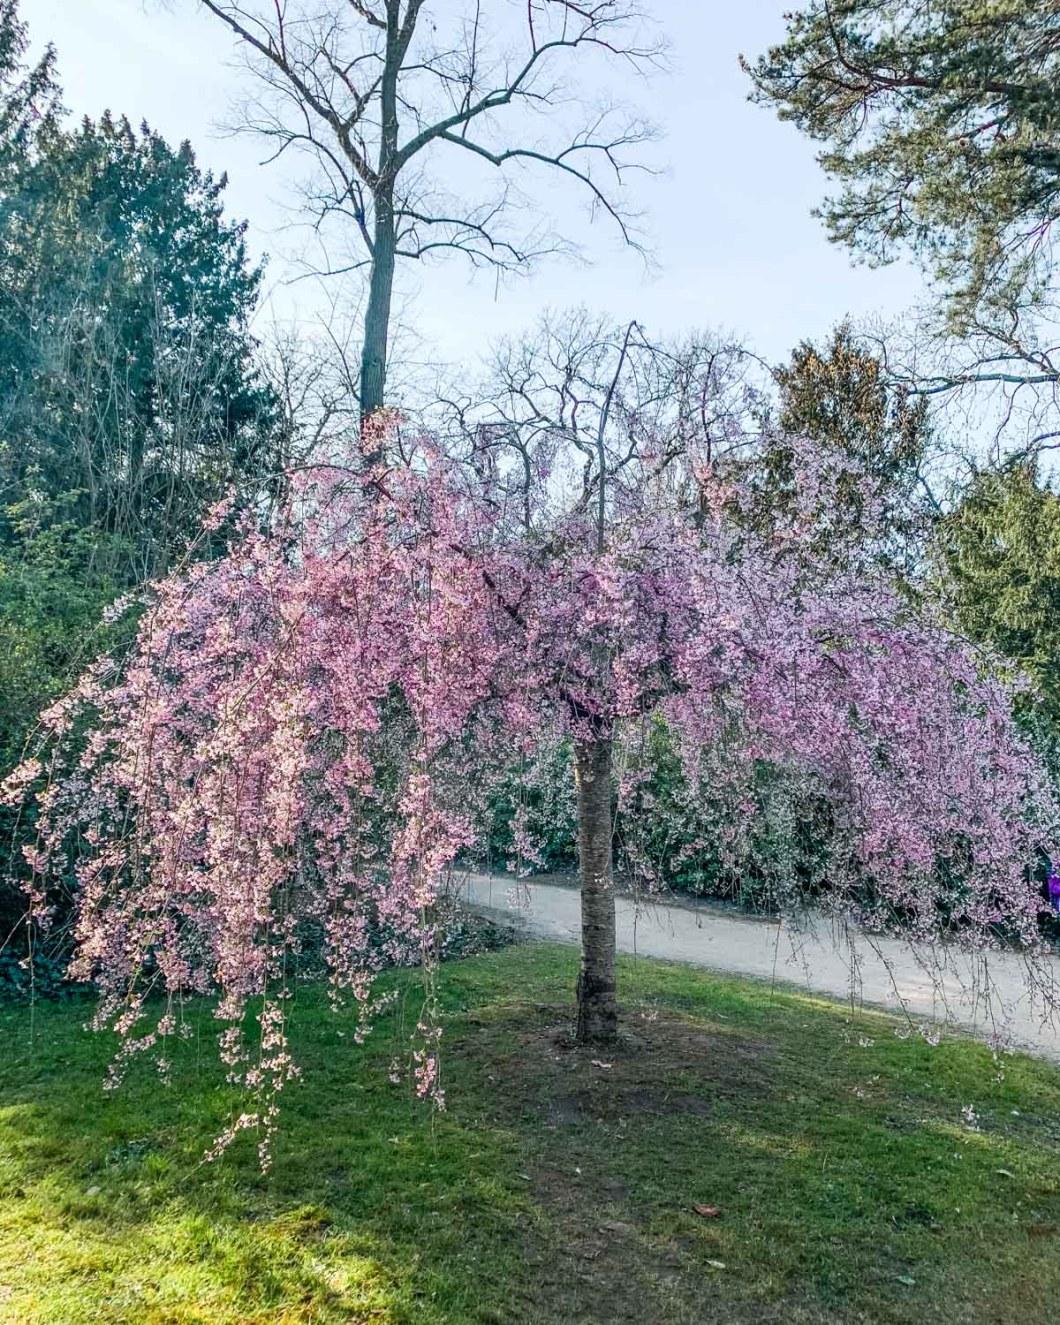 Cherry blossoms in Parc de Bagatelle - Paris